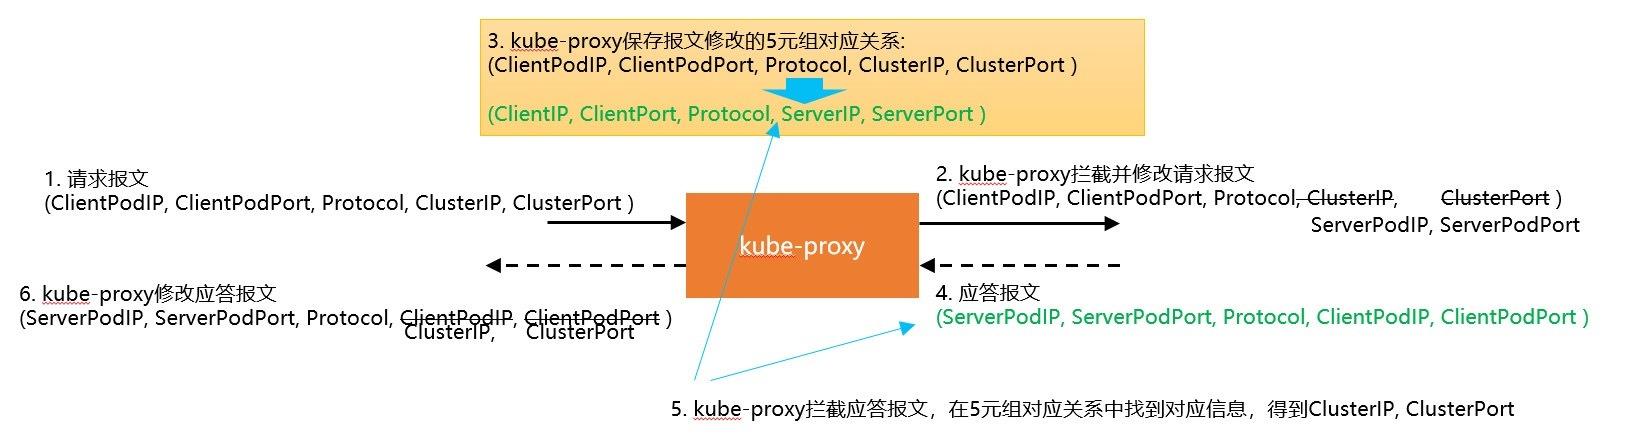 kube-proxy与DNS